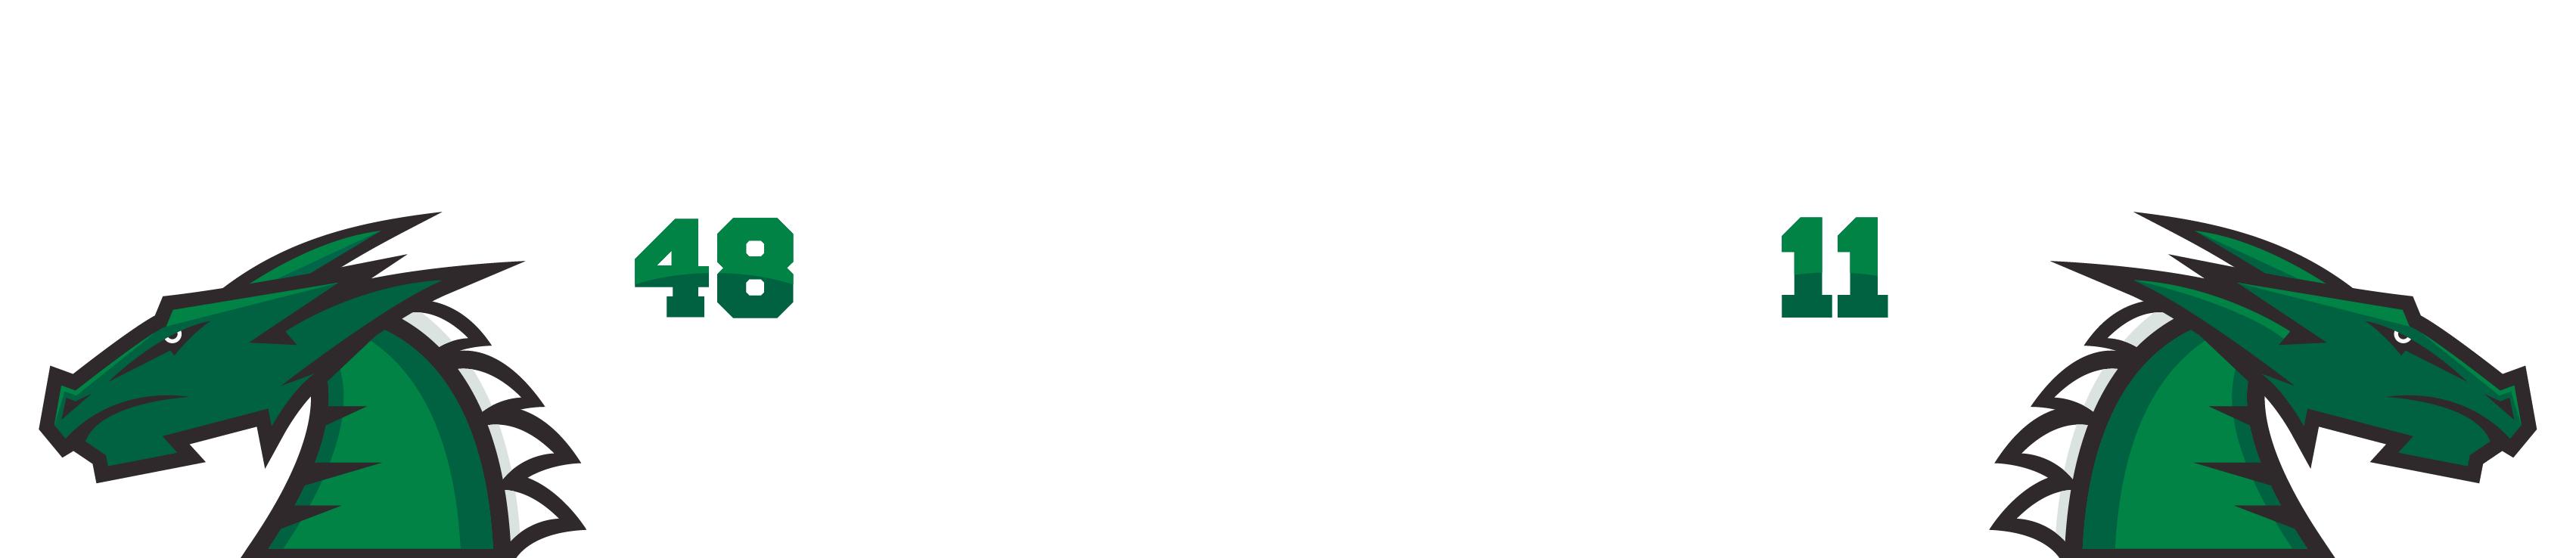 Duxbury Youth Lacrosse, Lacrosse, Goal, Field